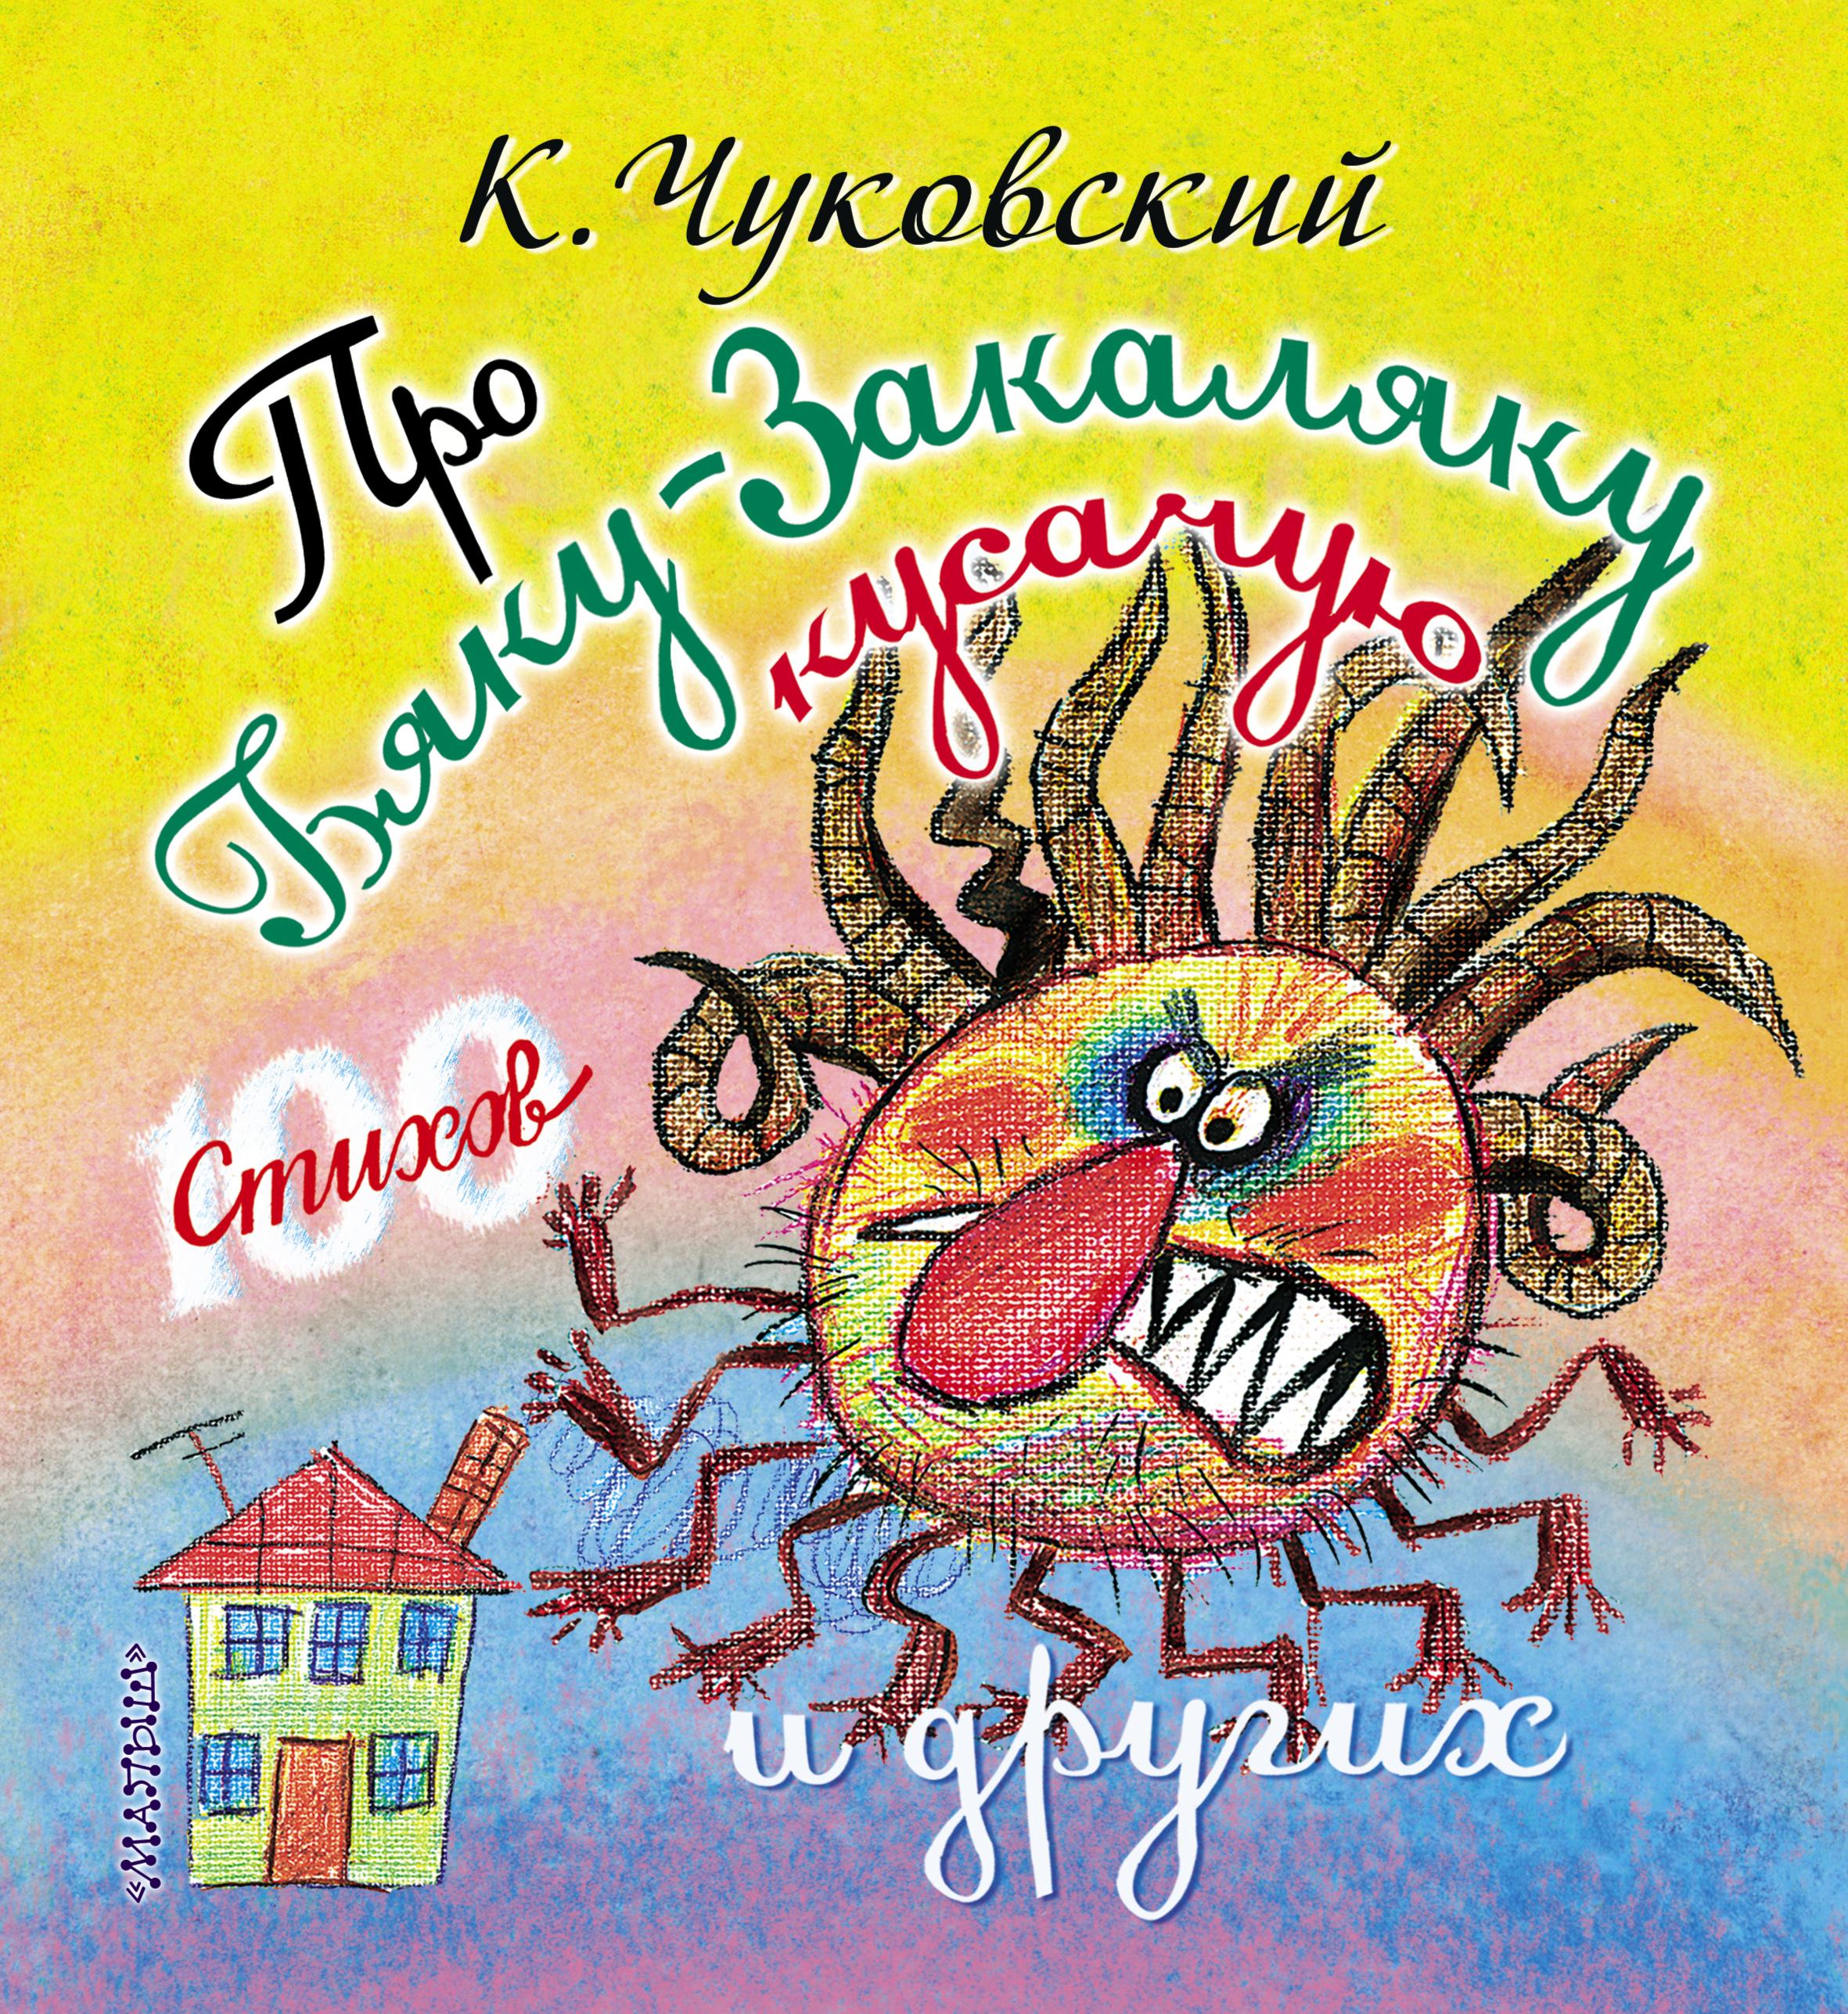 Чуковский К.И. Про бяку-закаляку кусачую и других к и чуковский бармалей